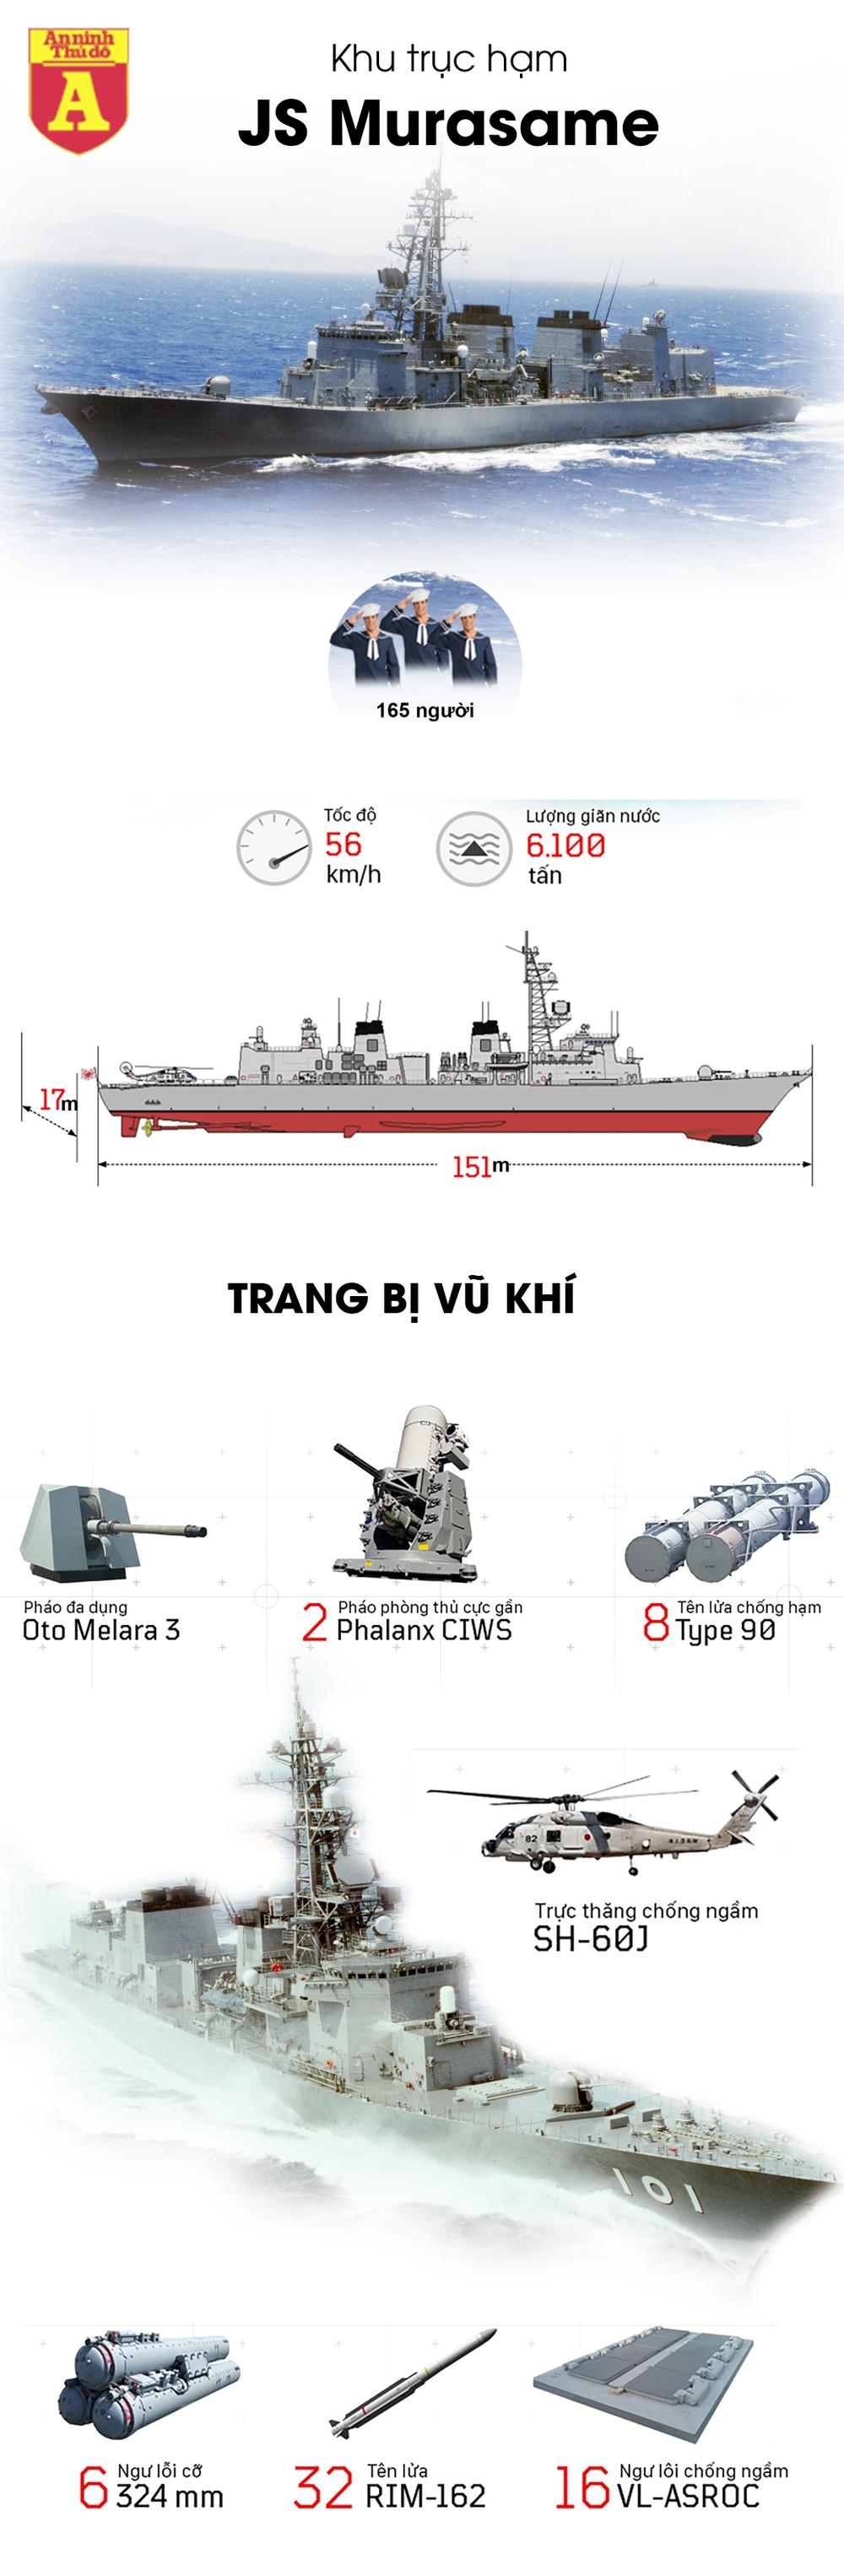 [Info] Khu trục hạm cực mạnh của Nhật Bản tới Việt Nam ảnh 2